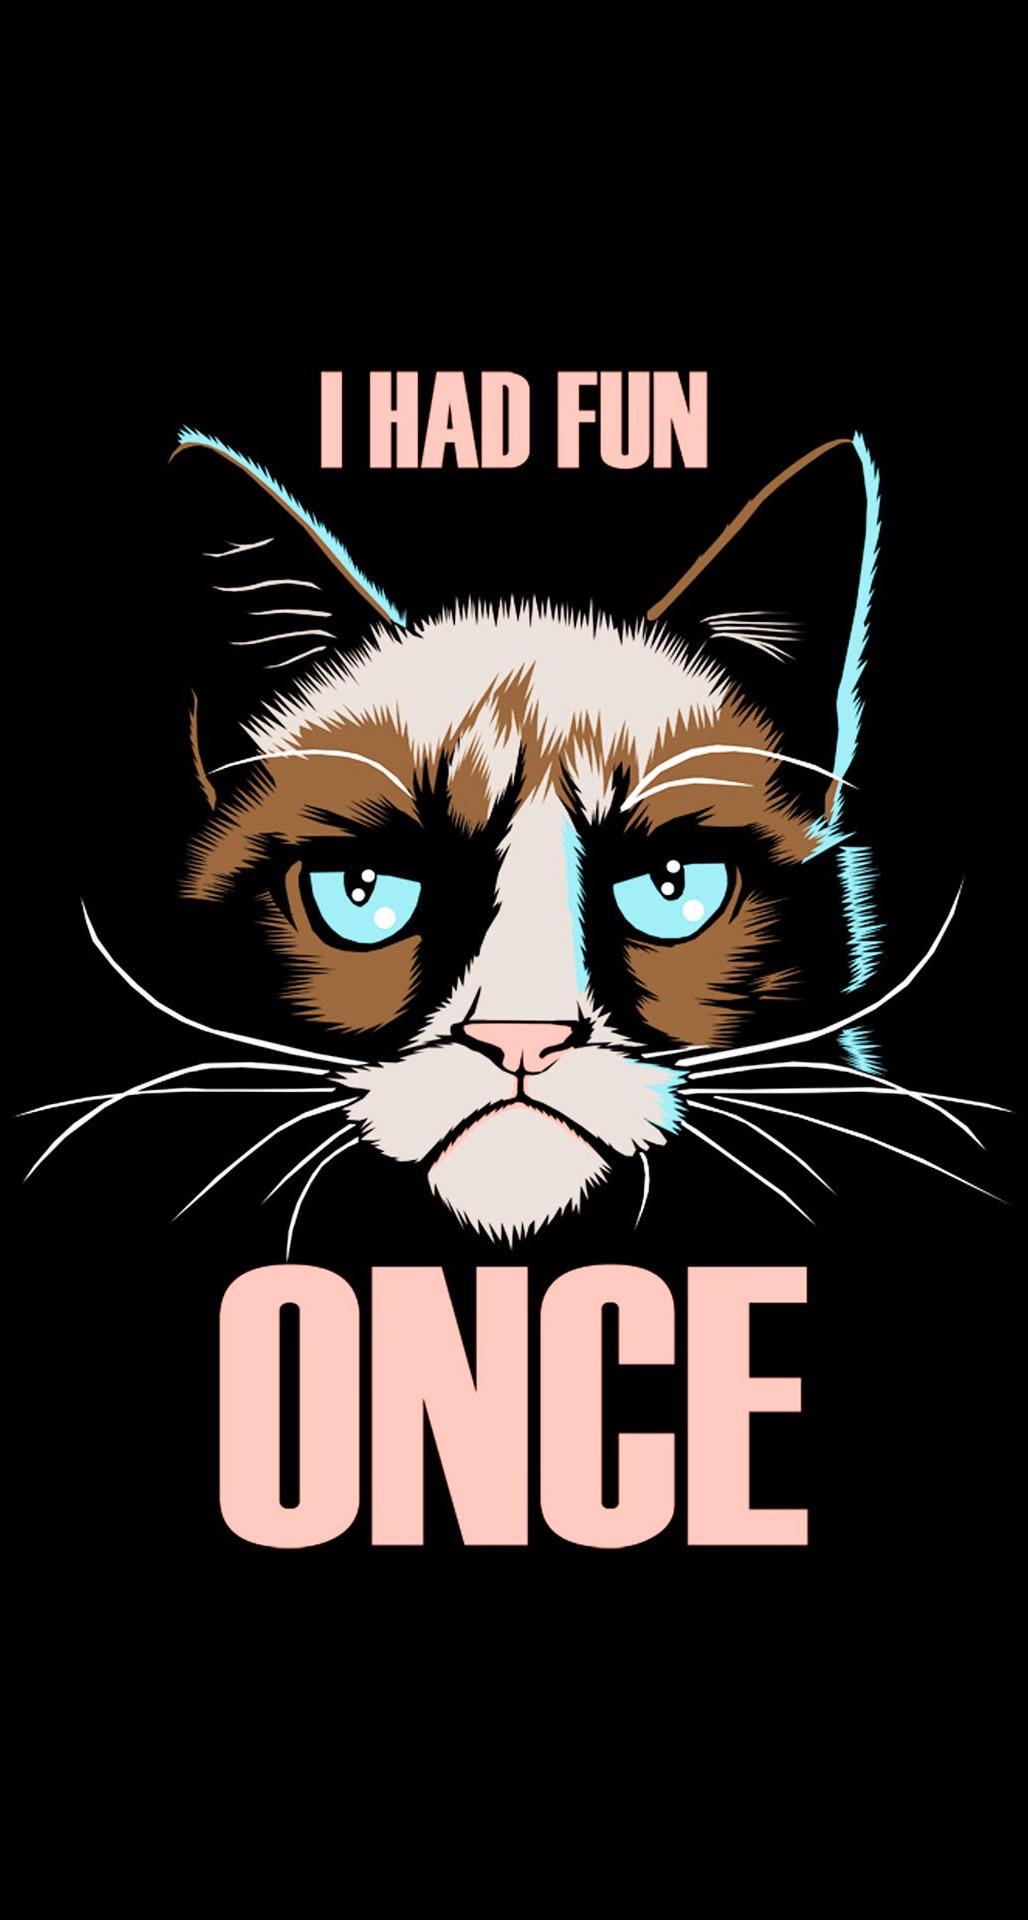 Grumpy Cat I Had Fun Once iPhone 6 Plus HD Wallpaper iPod Wallpaper 1028x1920